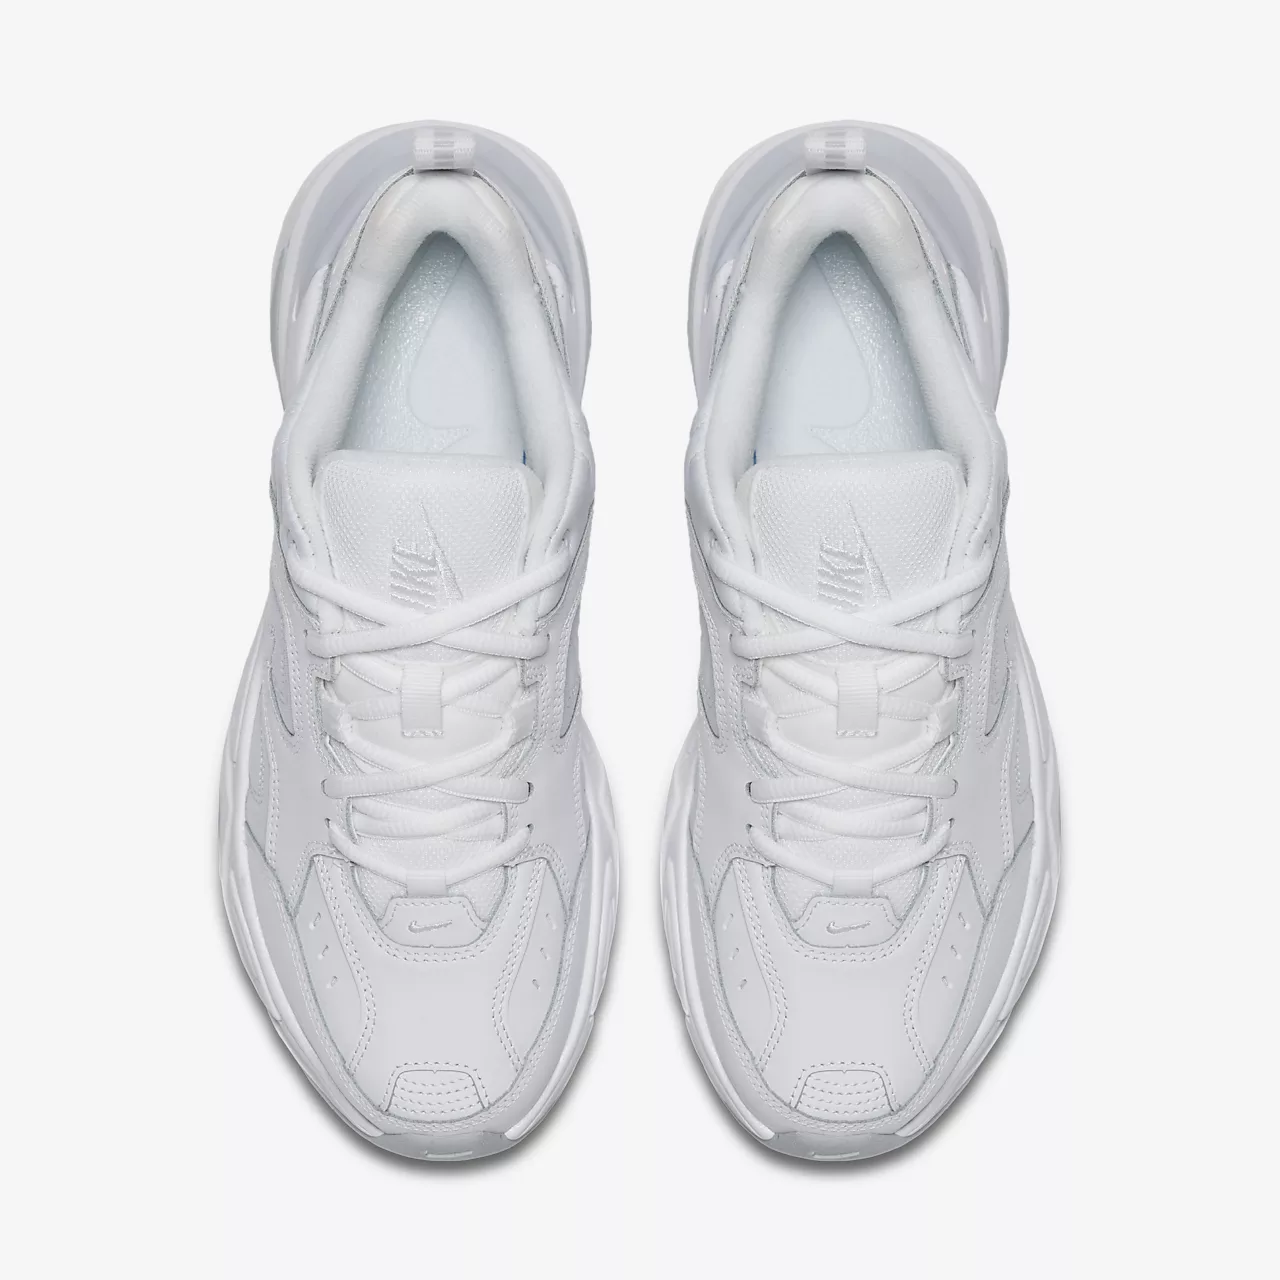 유럽직배송 나이키 NIKE Nike M2K Tekno Women's Shoe AO3108-100